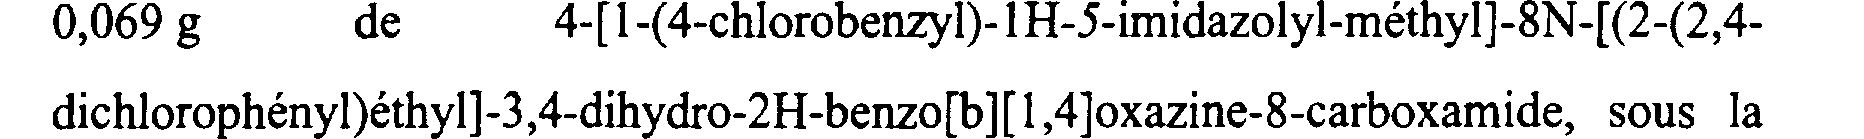 Figure img00720004